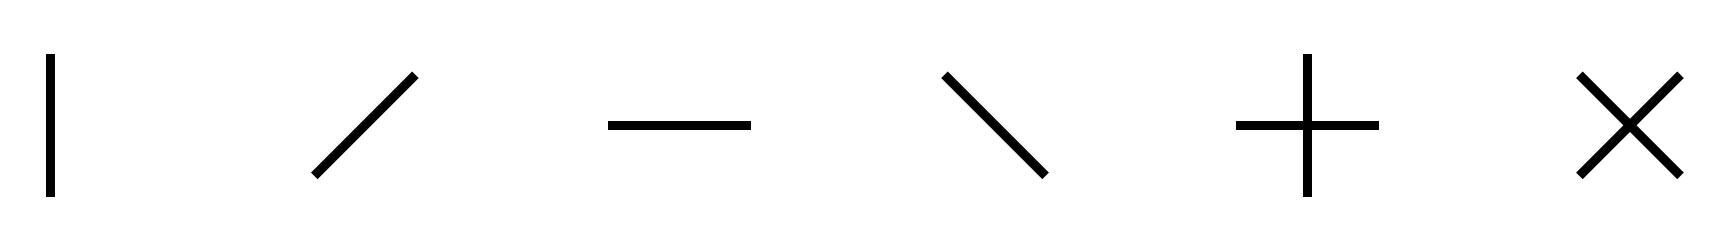 INK code